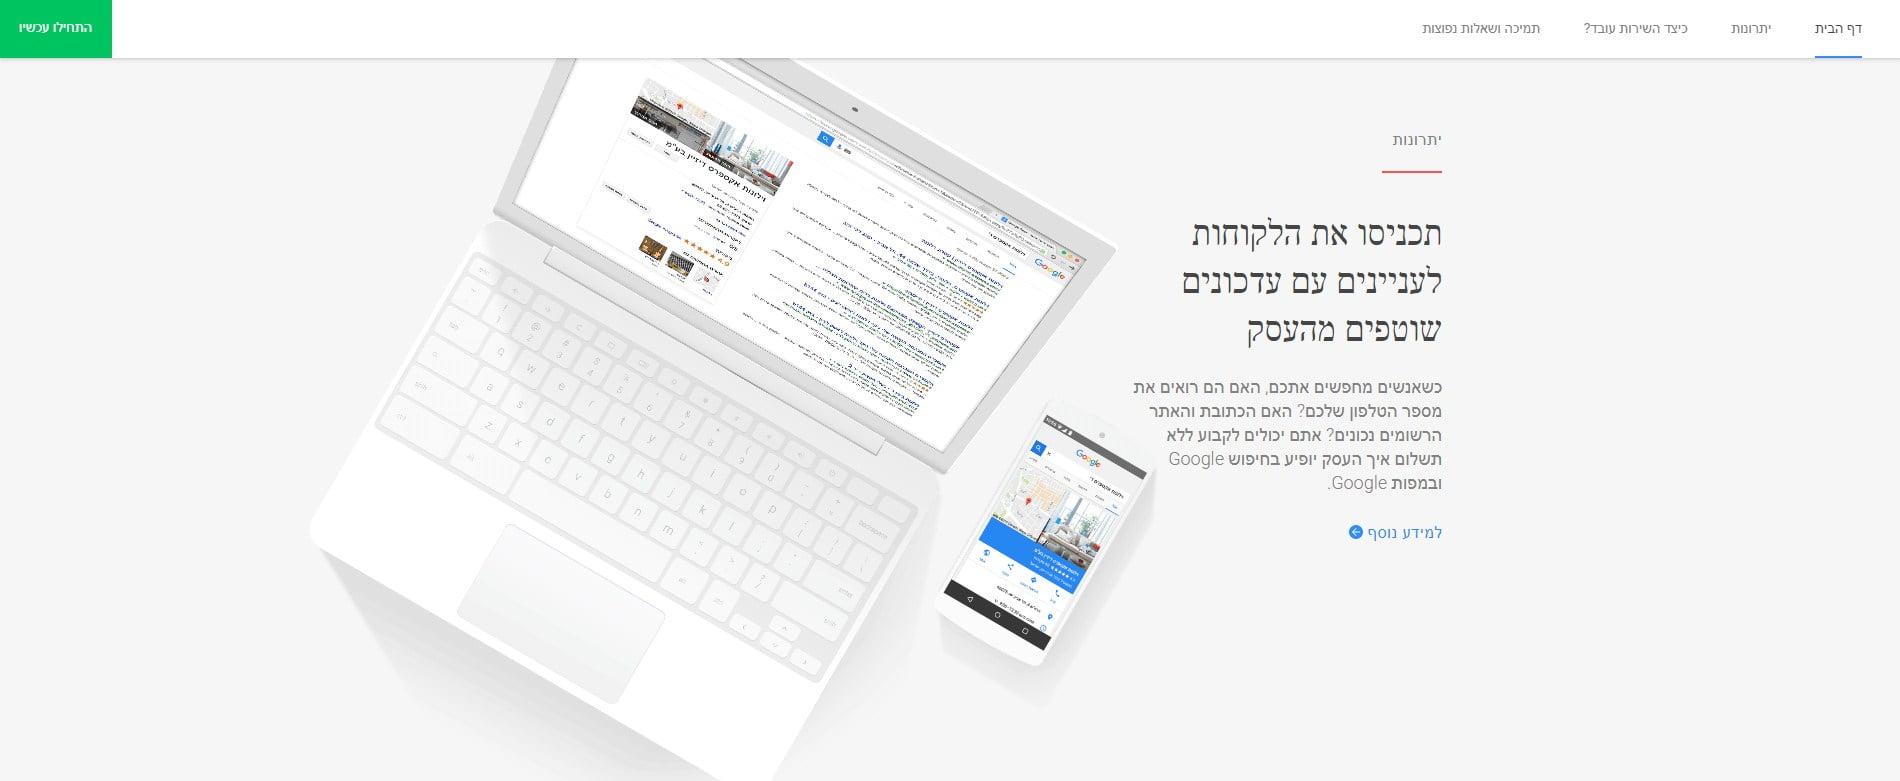 קידום אתר וורדפרס בעזרת גוגל מיי ביזנס